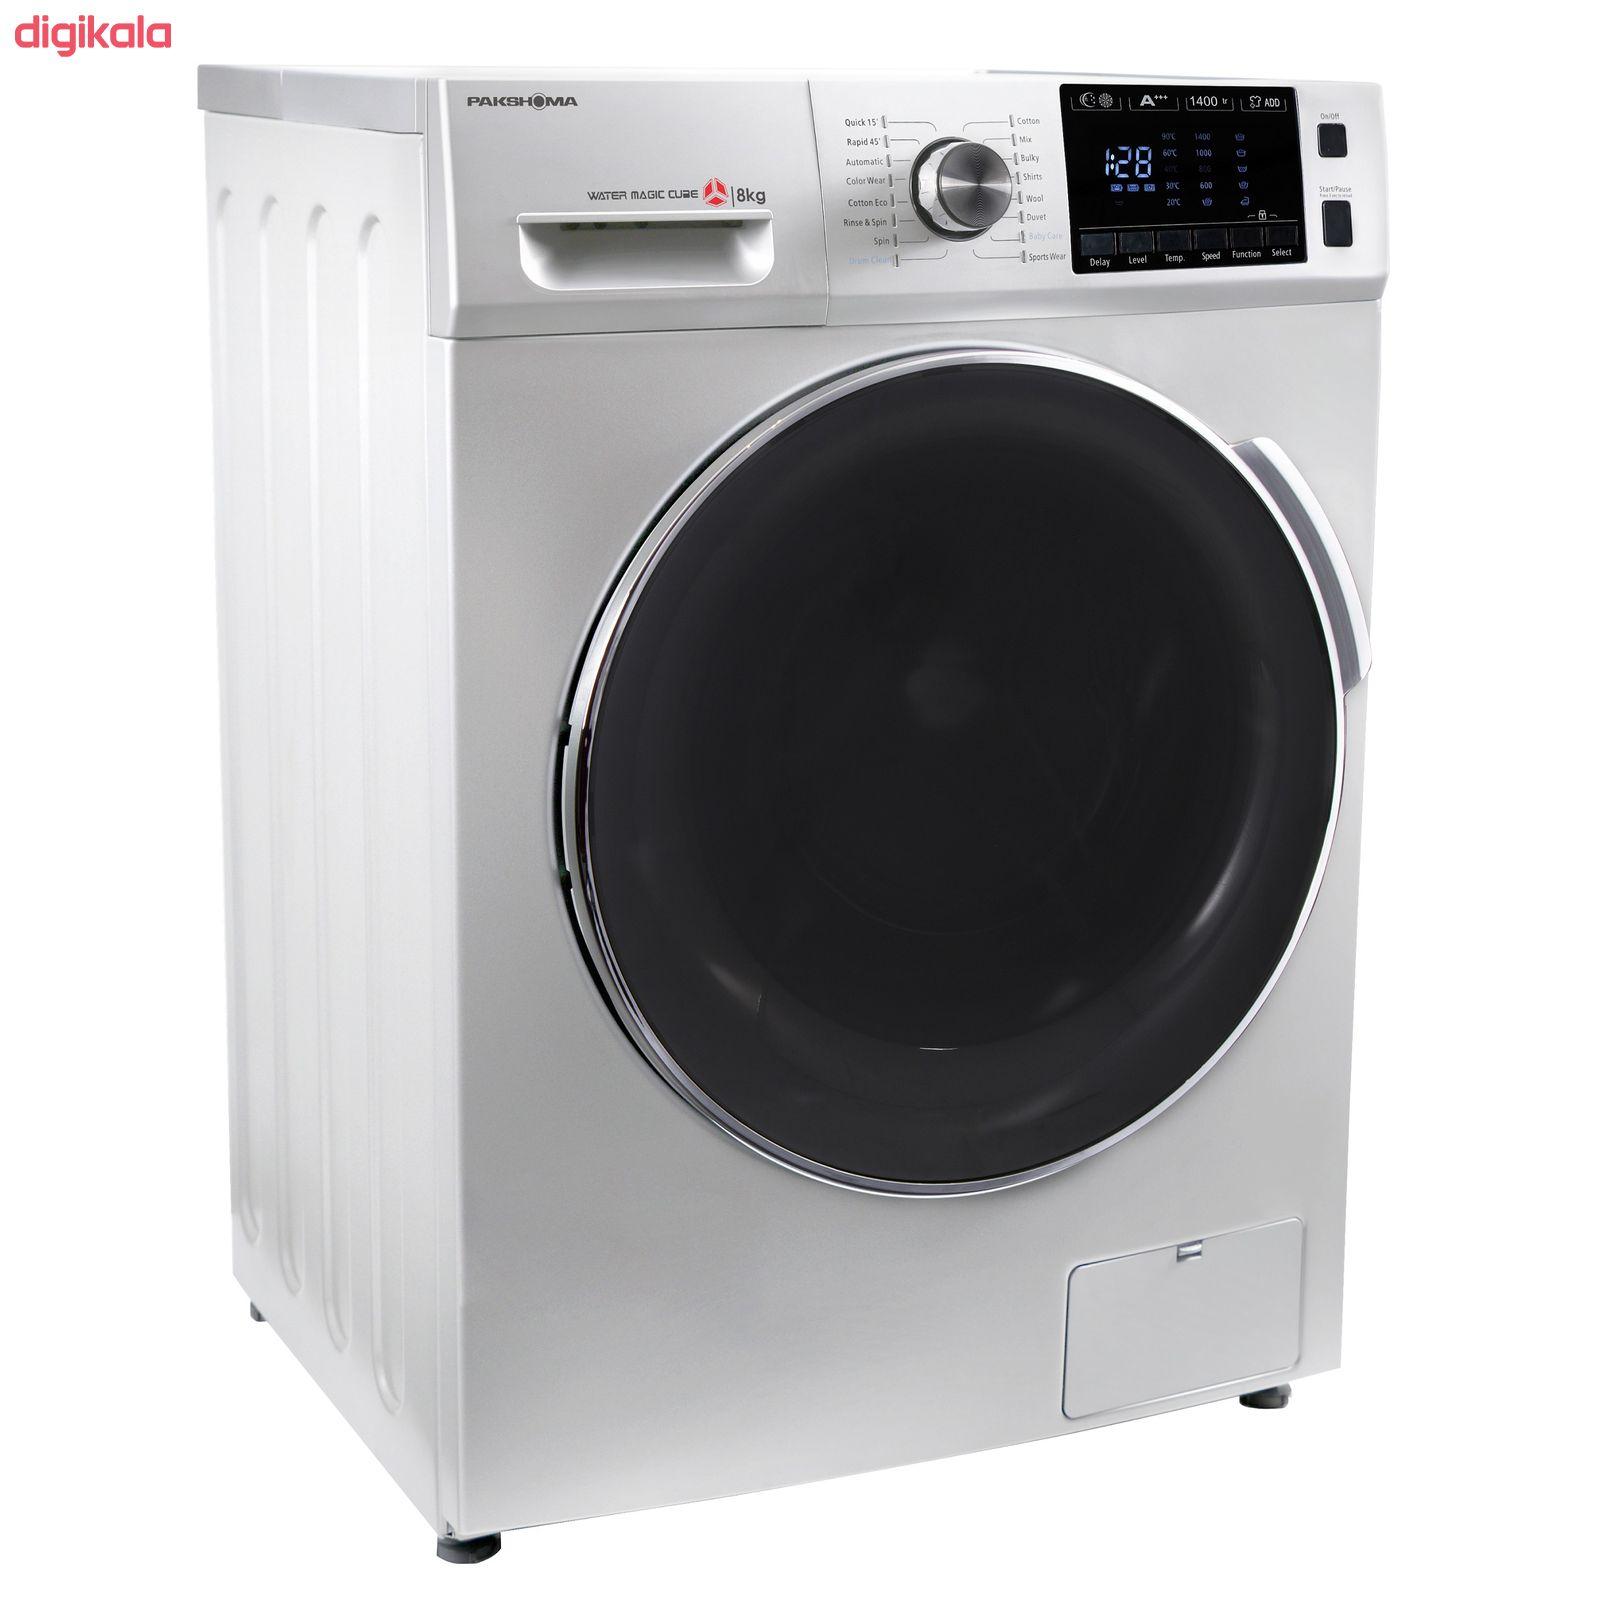 ماشین لباسشویی پاکشوما مدل TFU-84406 ظرفیت 8 کیلوگرم main 1 8